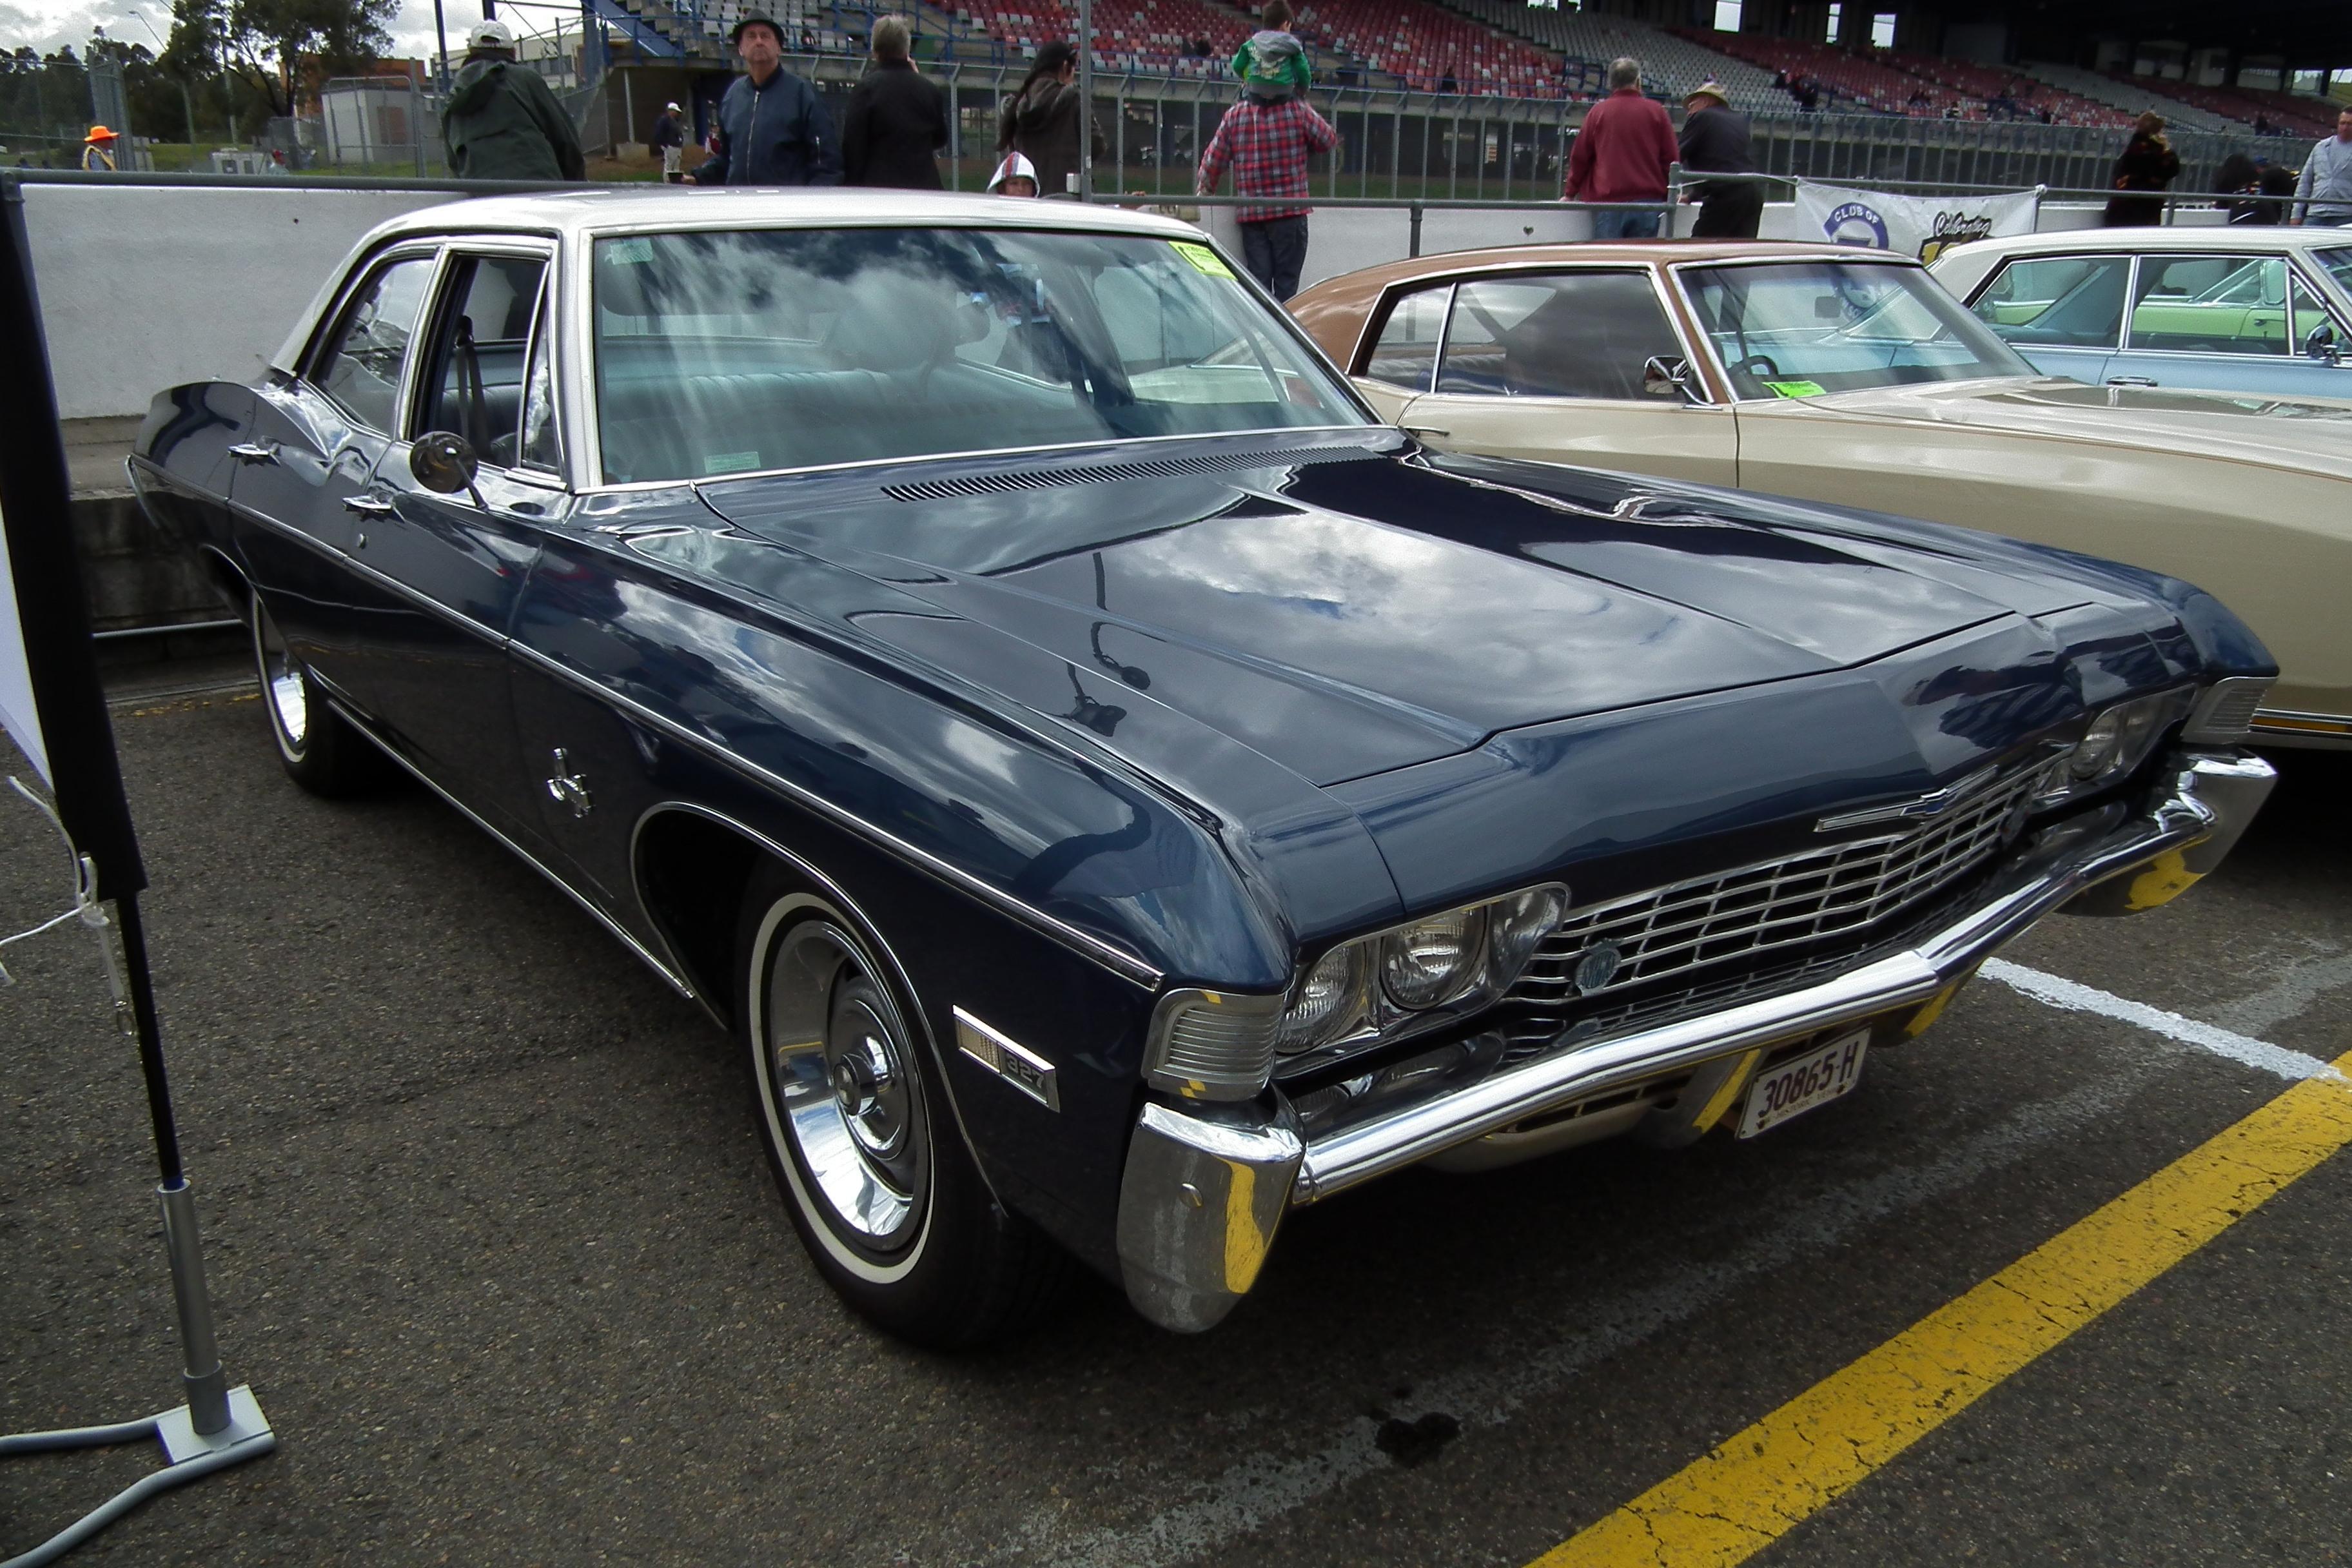 Kelebihan Kekurangan Chevrolet Impala 1968 Top Model Tahun Ini